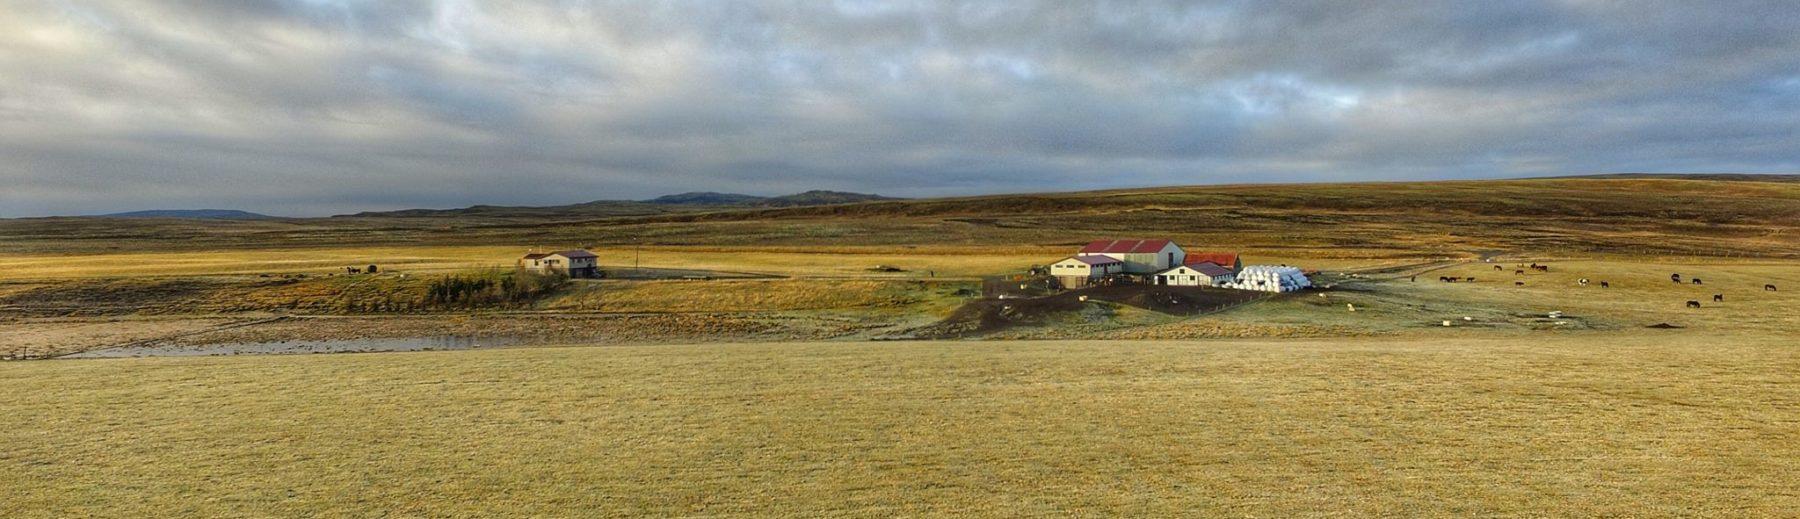 Þóroddsstaðir Hrossarækt